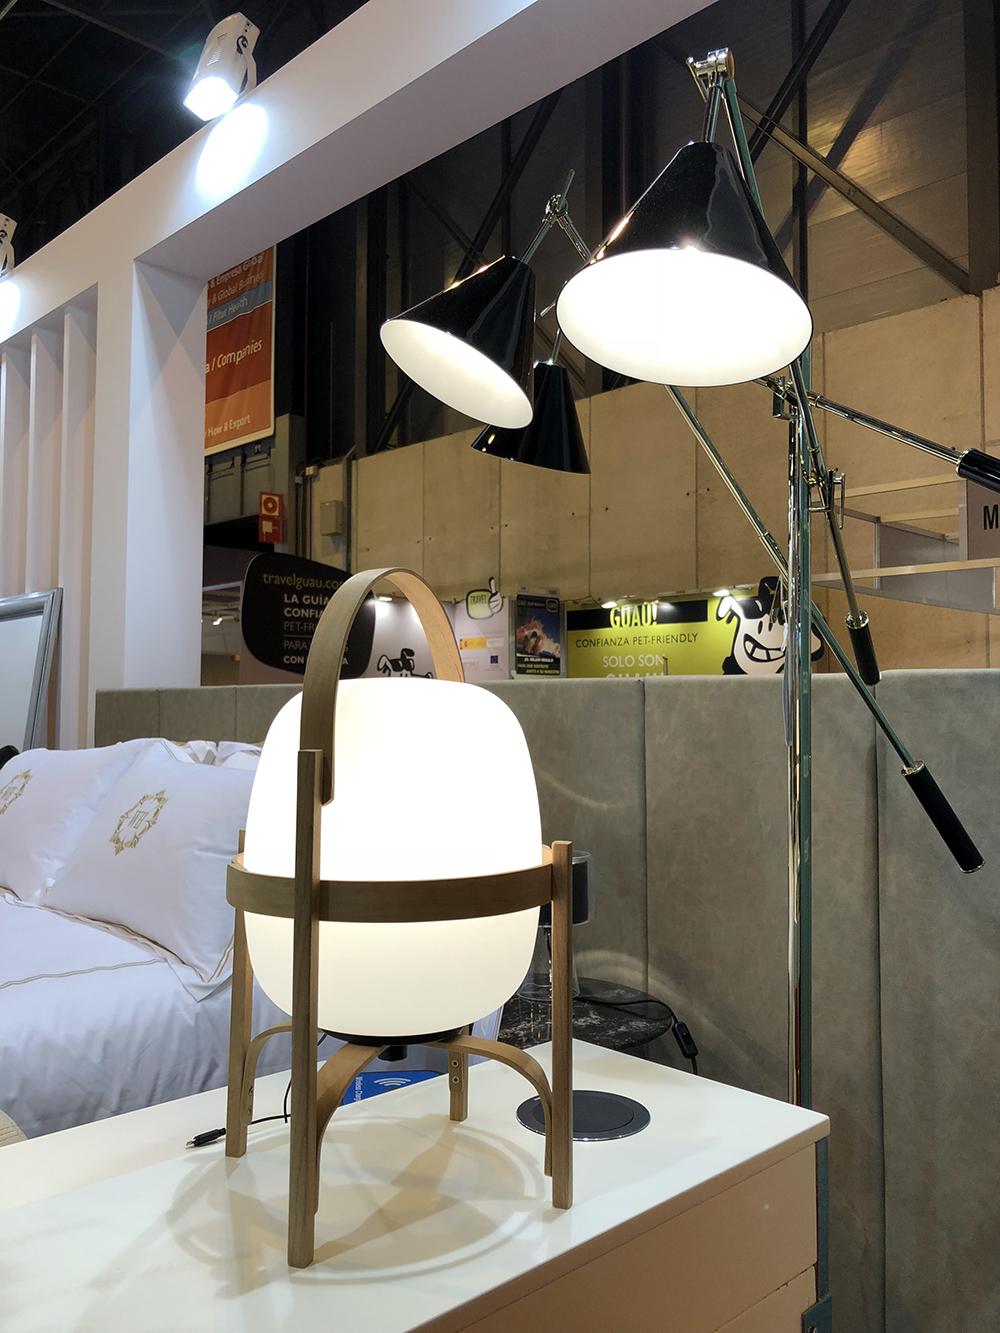 Lámparas Sinatra y Cestita en stand Coperama, cedidas por Oliva Iluminación. Fotografía: Daniel Cáceres.